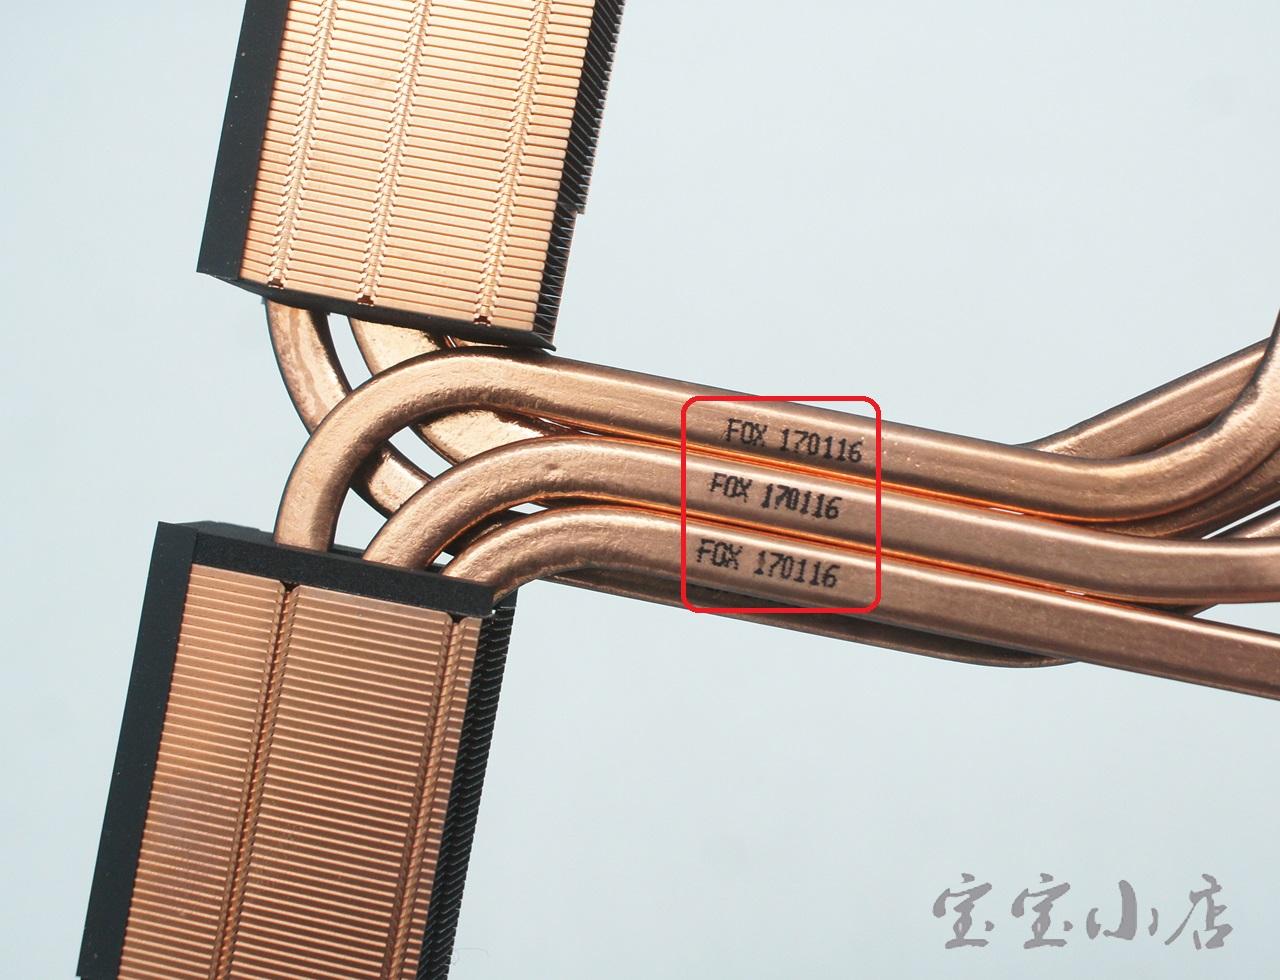 全新蓝天clevo P870DM2 DM3 6-31-P872N-401散热器铜管模组